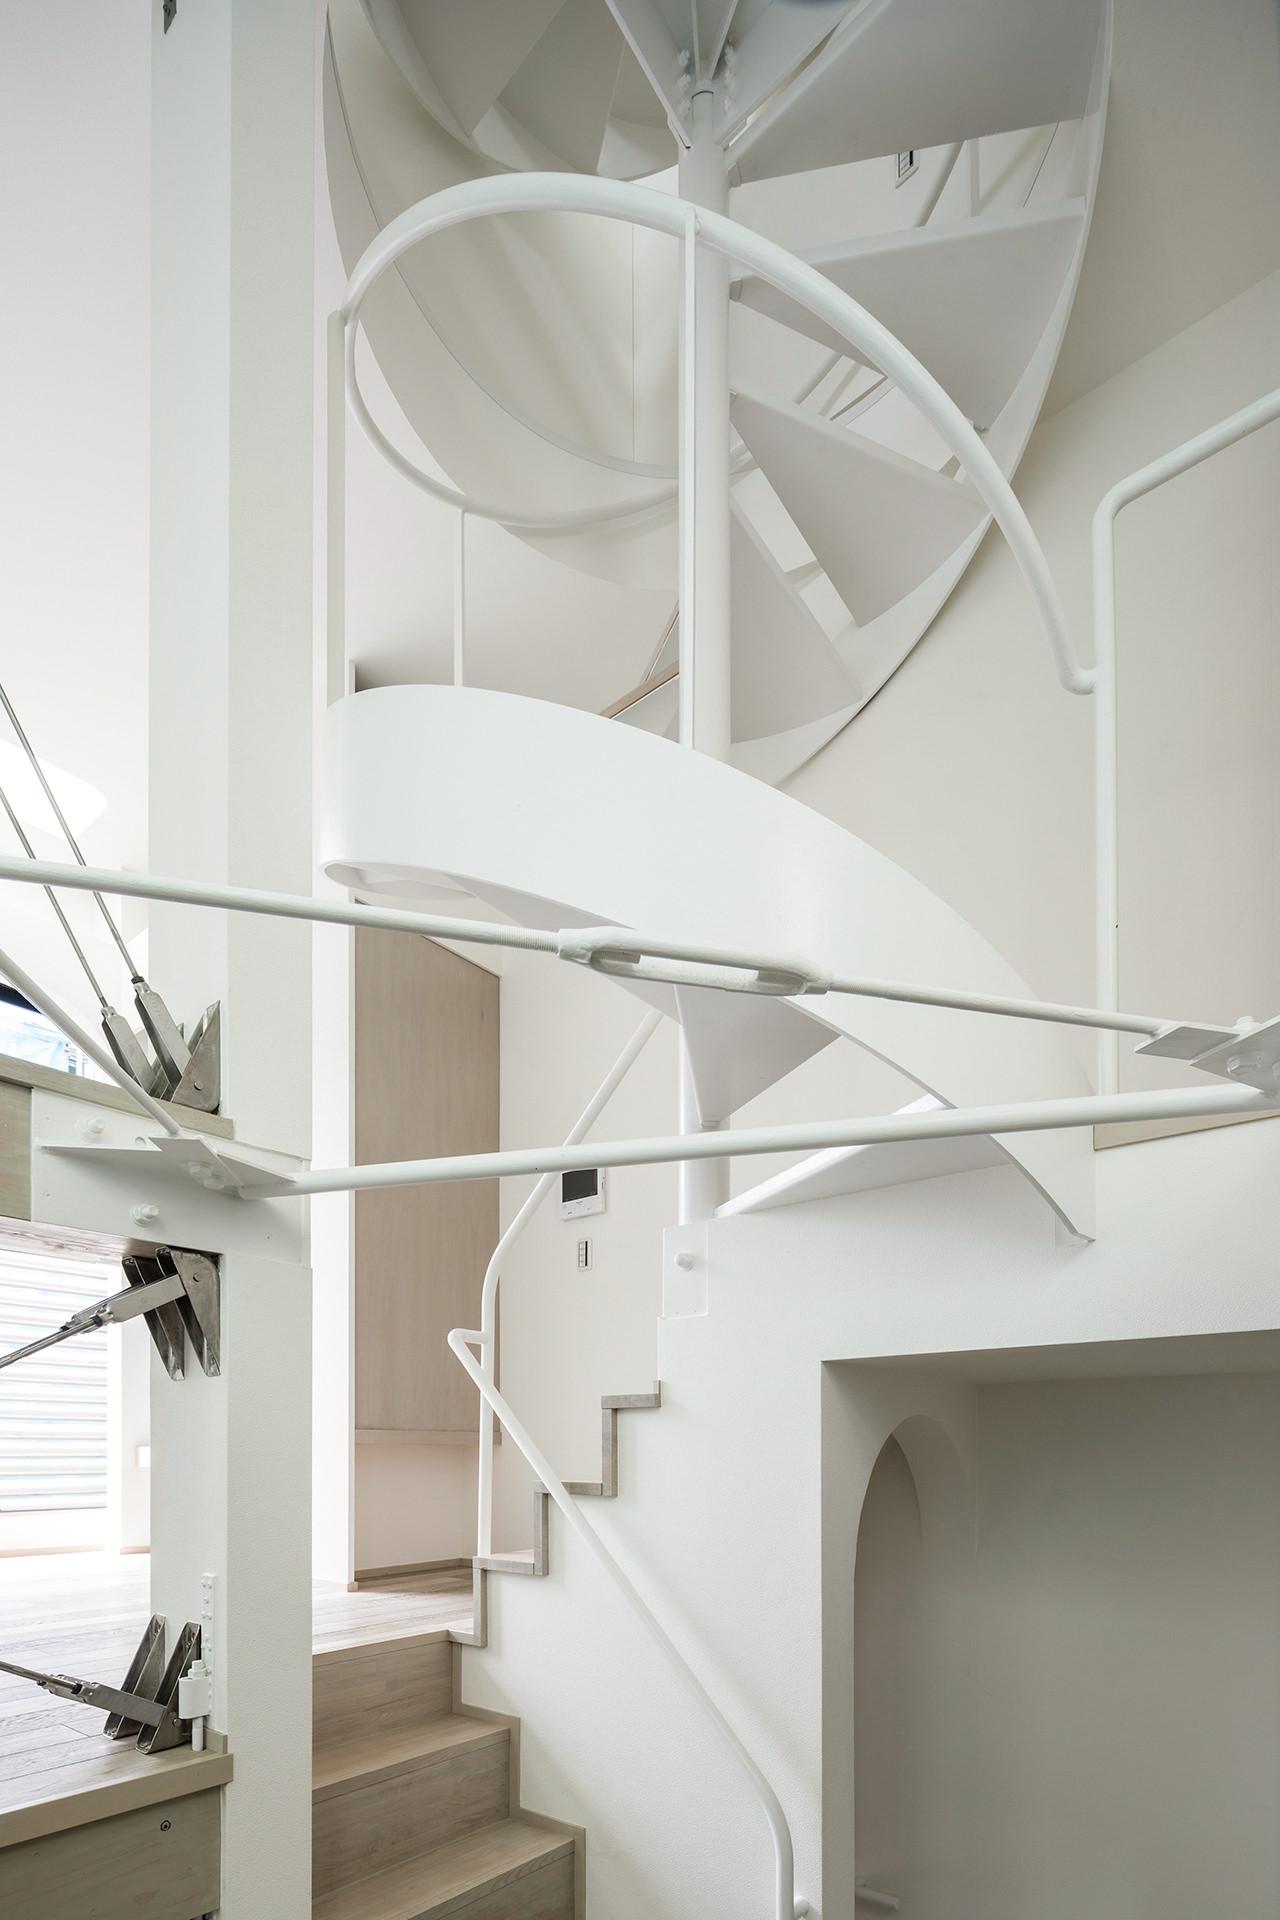 「6坪の家」 イメージ5 撮影:東涌写真事務所・東涌宏和